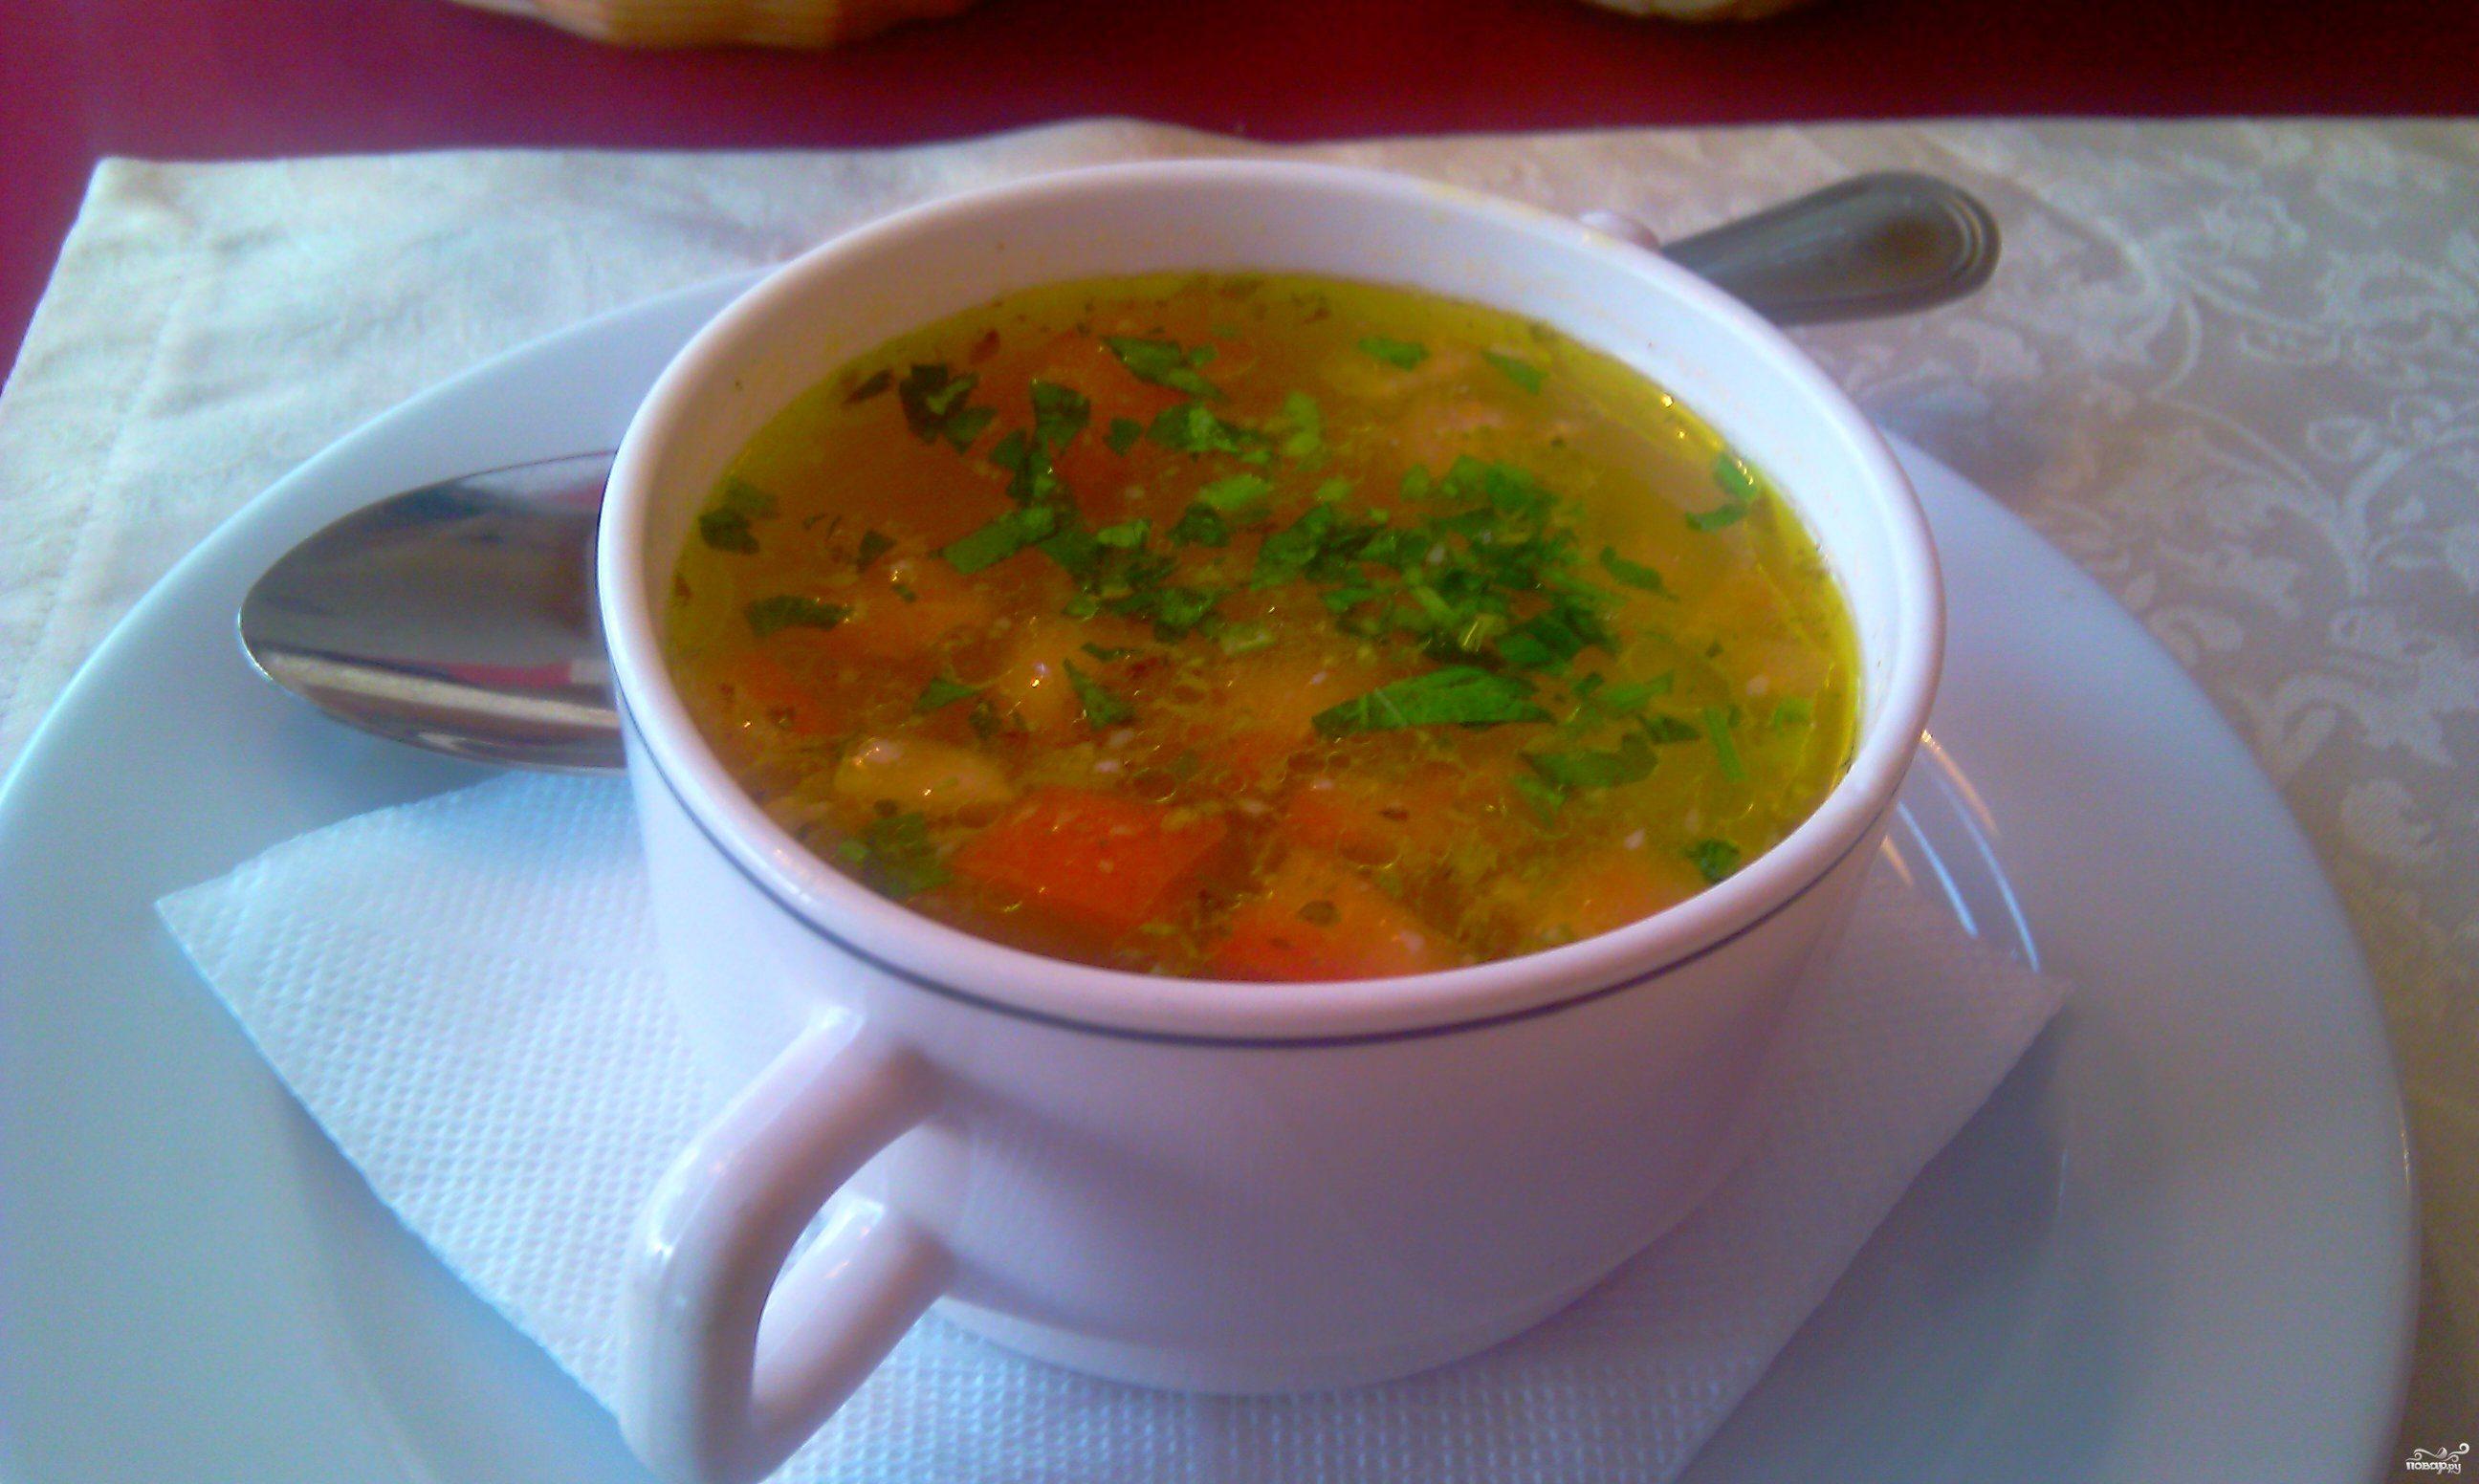 Рецепт куриного супа на обед